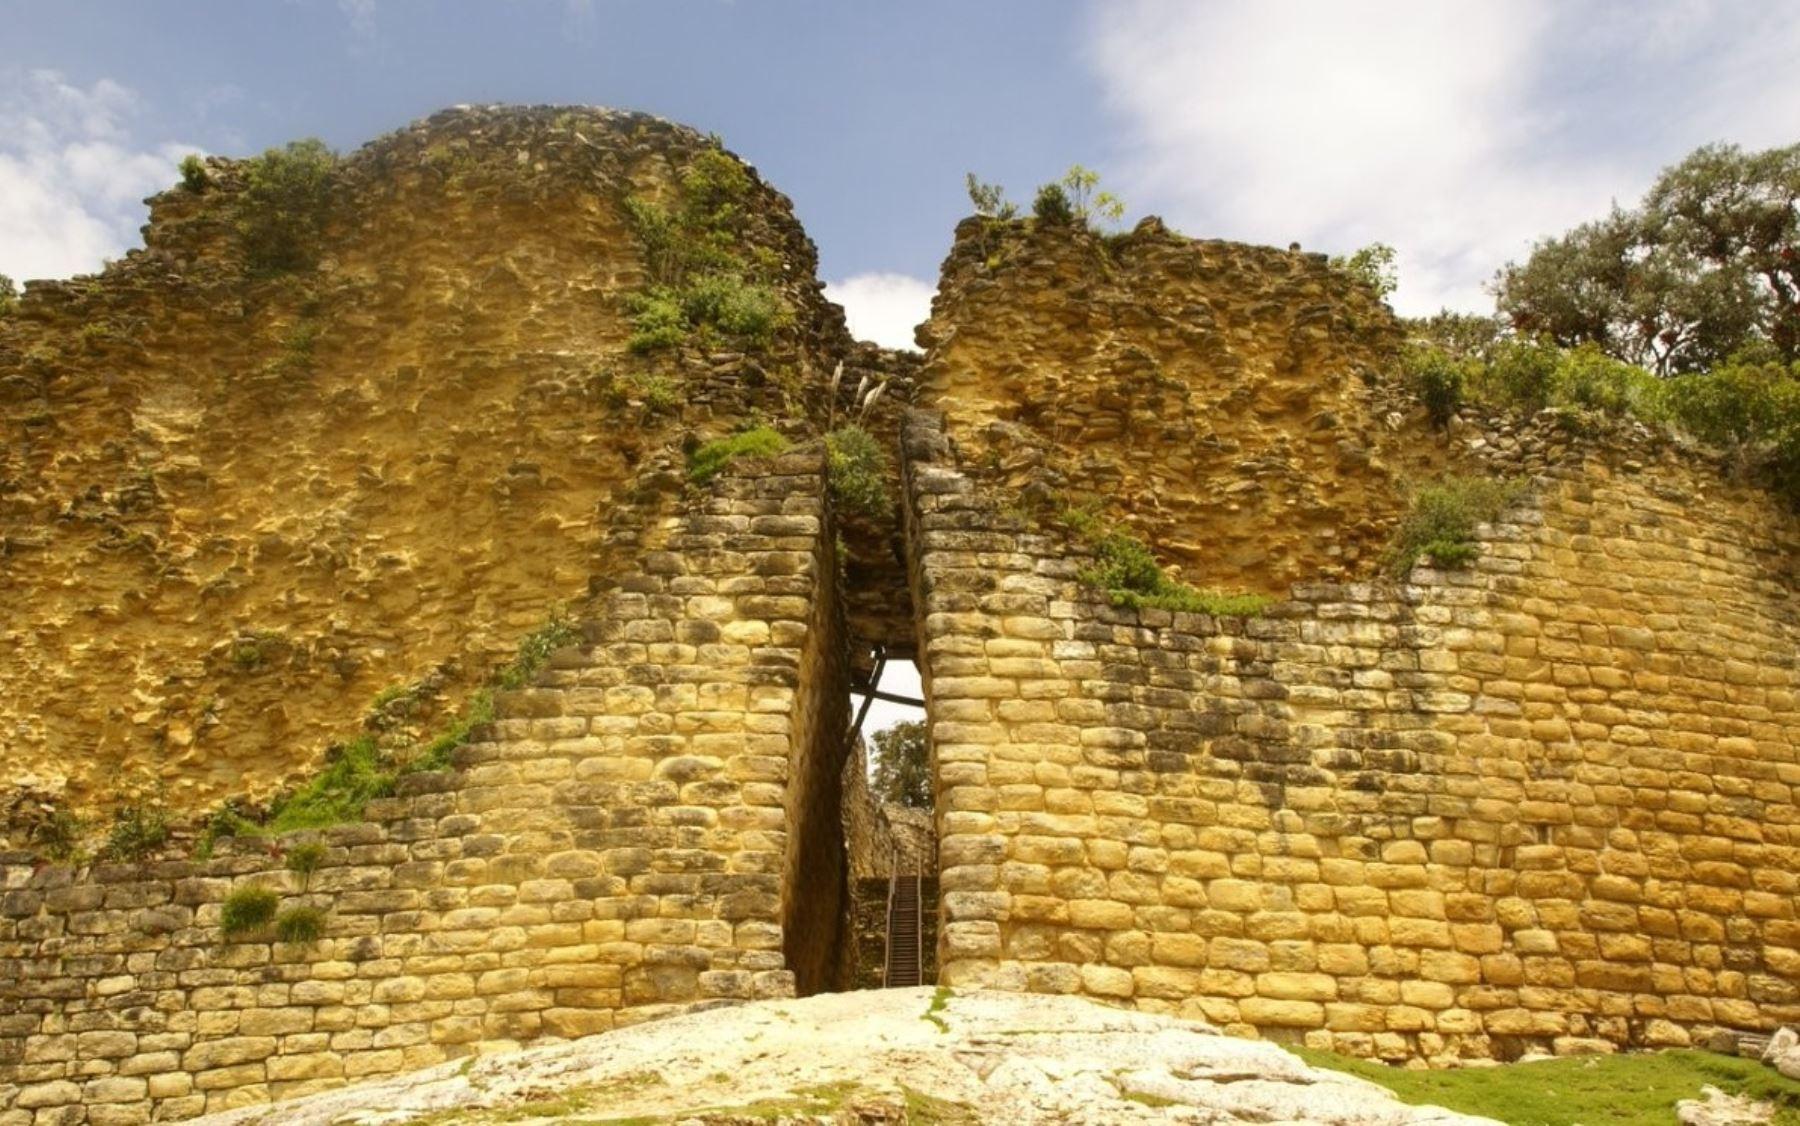 El número de visitantes a la ciudadela fortificada de Kuélap, ubicada en la región Amazonas y, comparada por su belleza arquitectónica con Machu Picchu, llegó en 2017 a casi 103,000 personas, cifra que duplicó lo registrado en 2016 y posicionó a este atractivo como uno de los principales destinos turísticos del Perú.